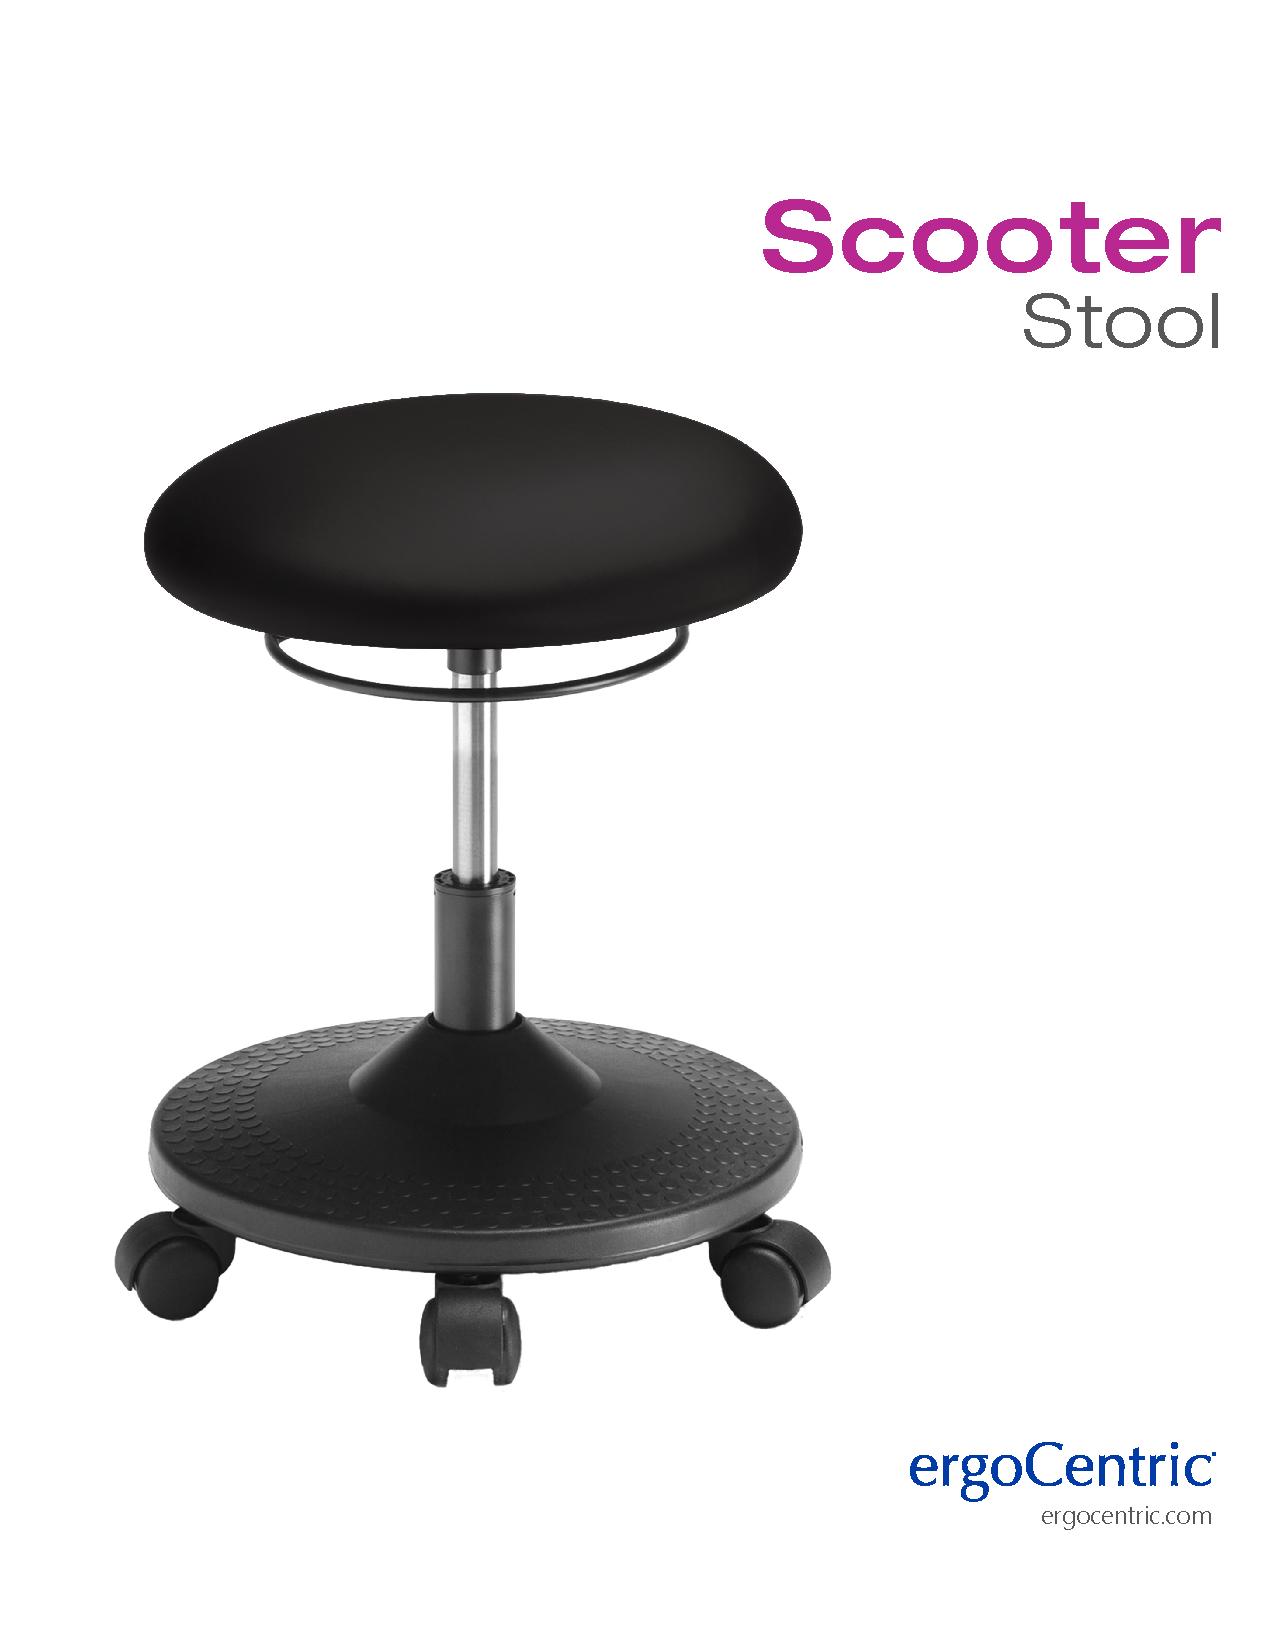 Scooter Stool Info Sheet Ergocentric